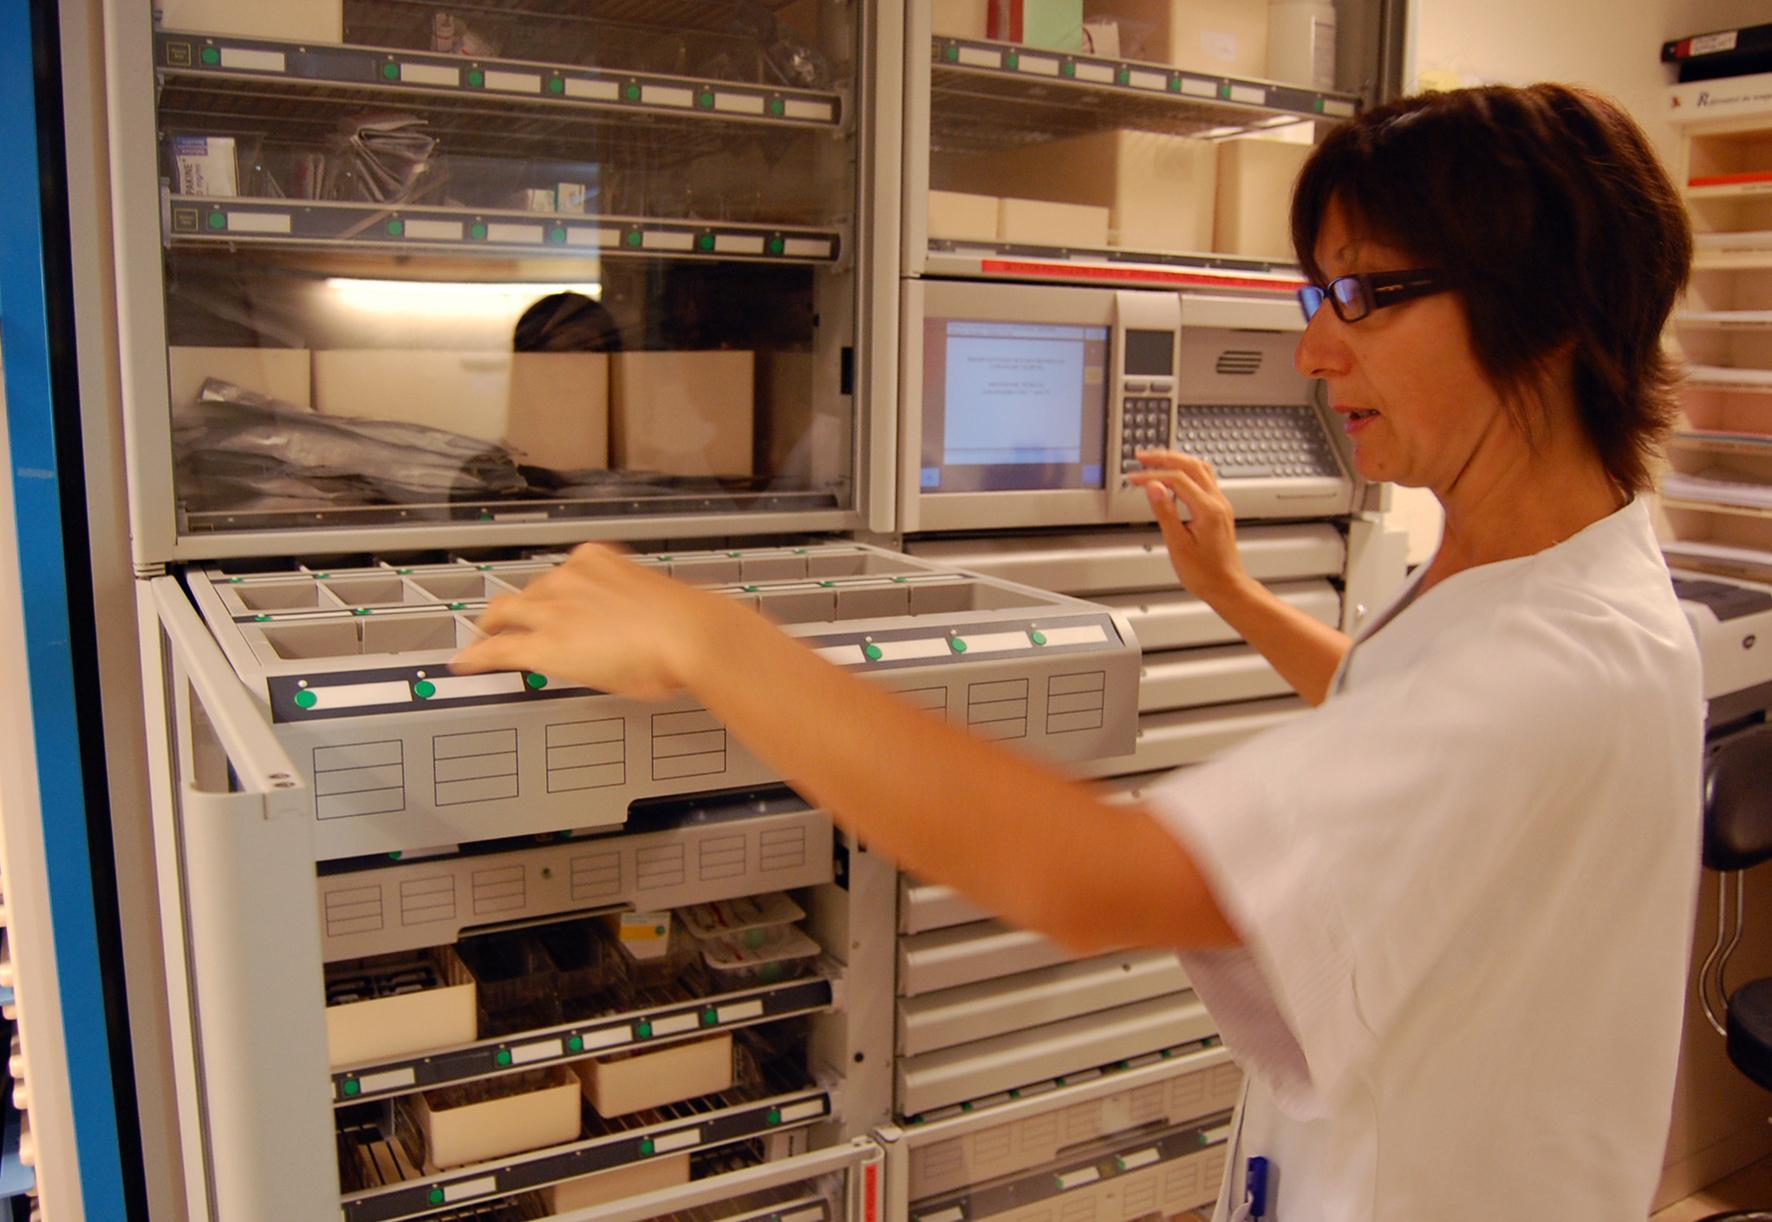 Des Armoires 224 Pharmacie Automatis 233 Es Pour Plus De S 233 Curit 233